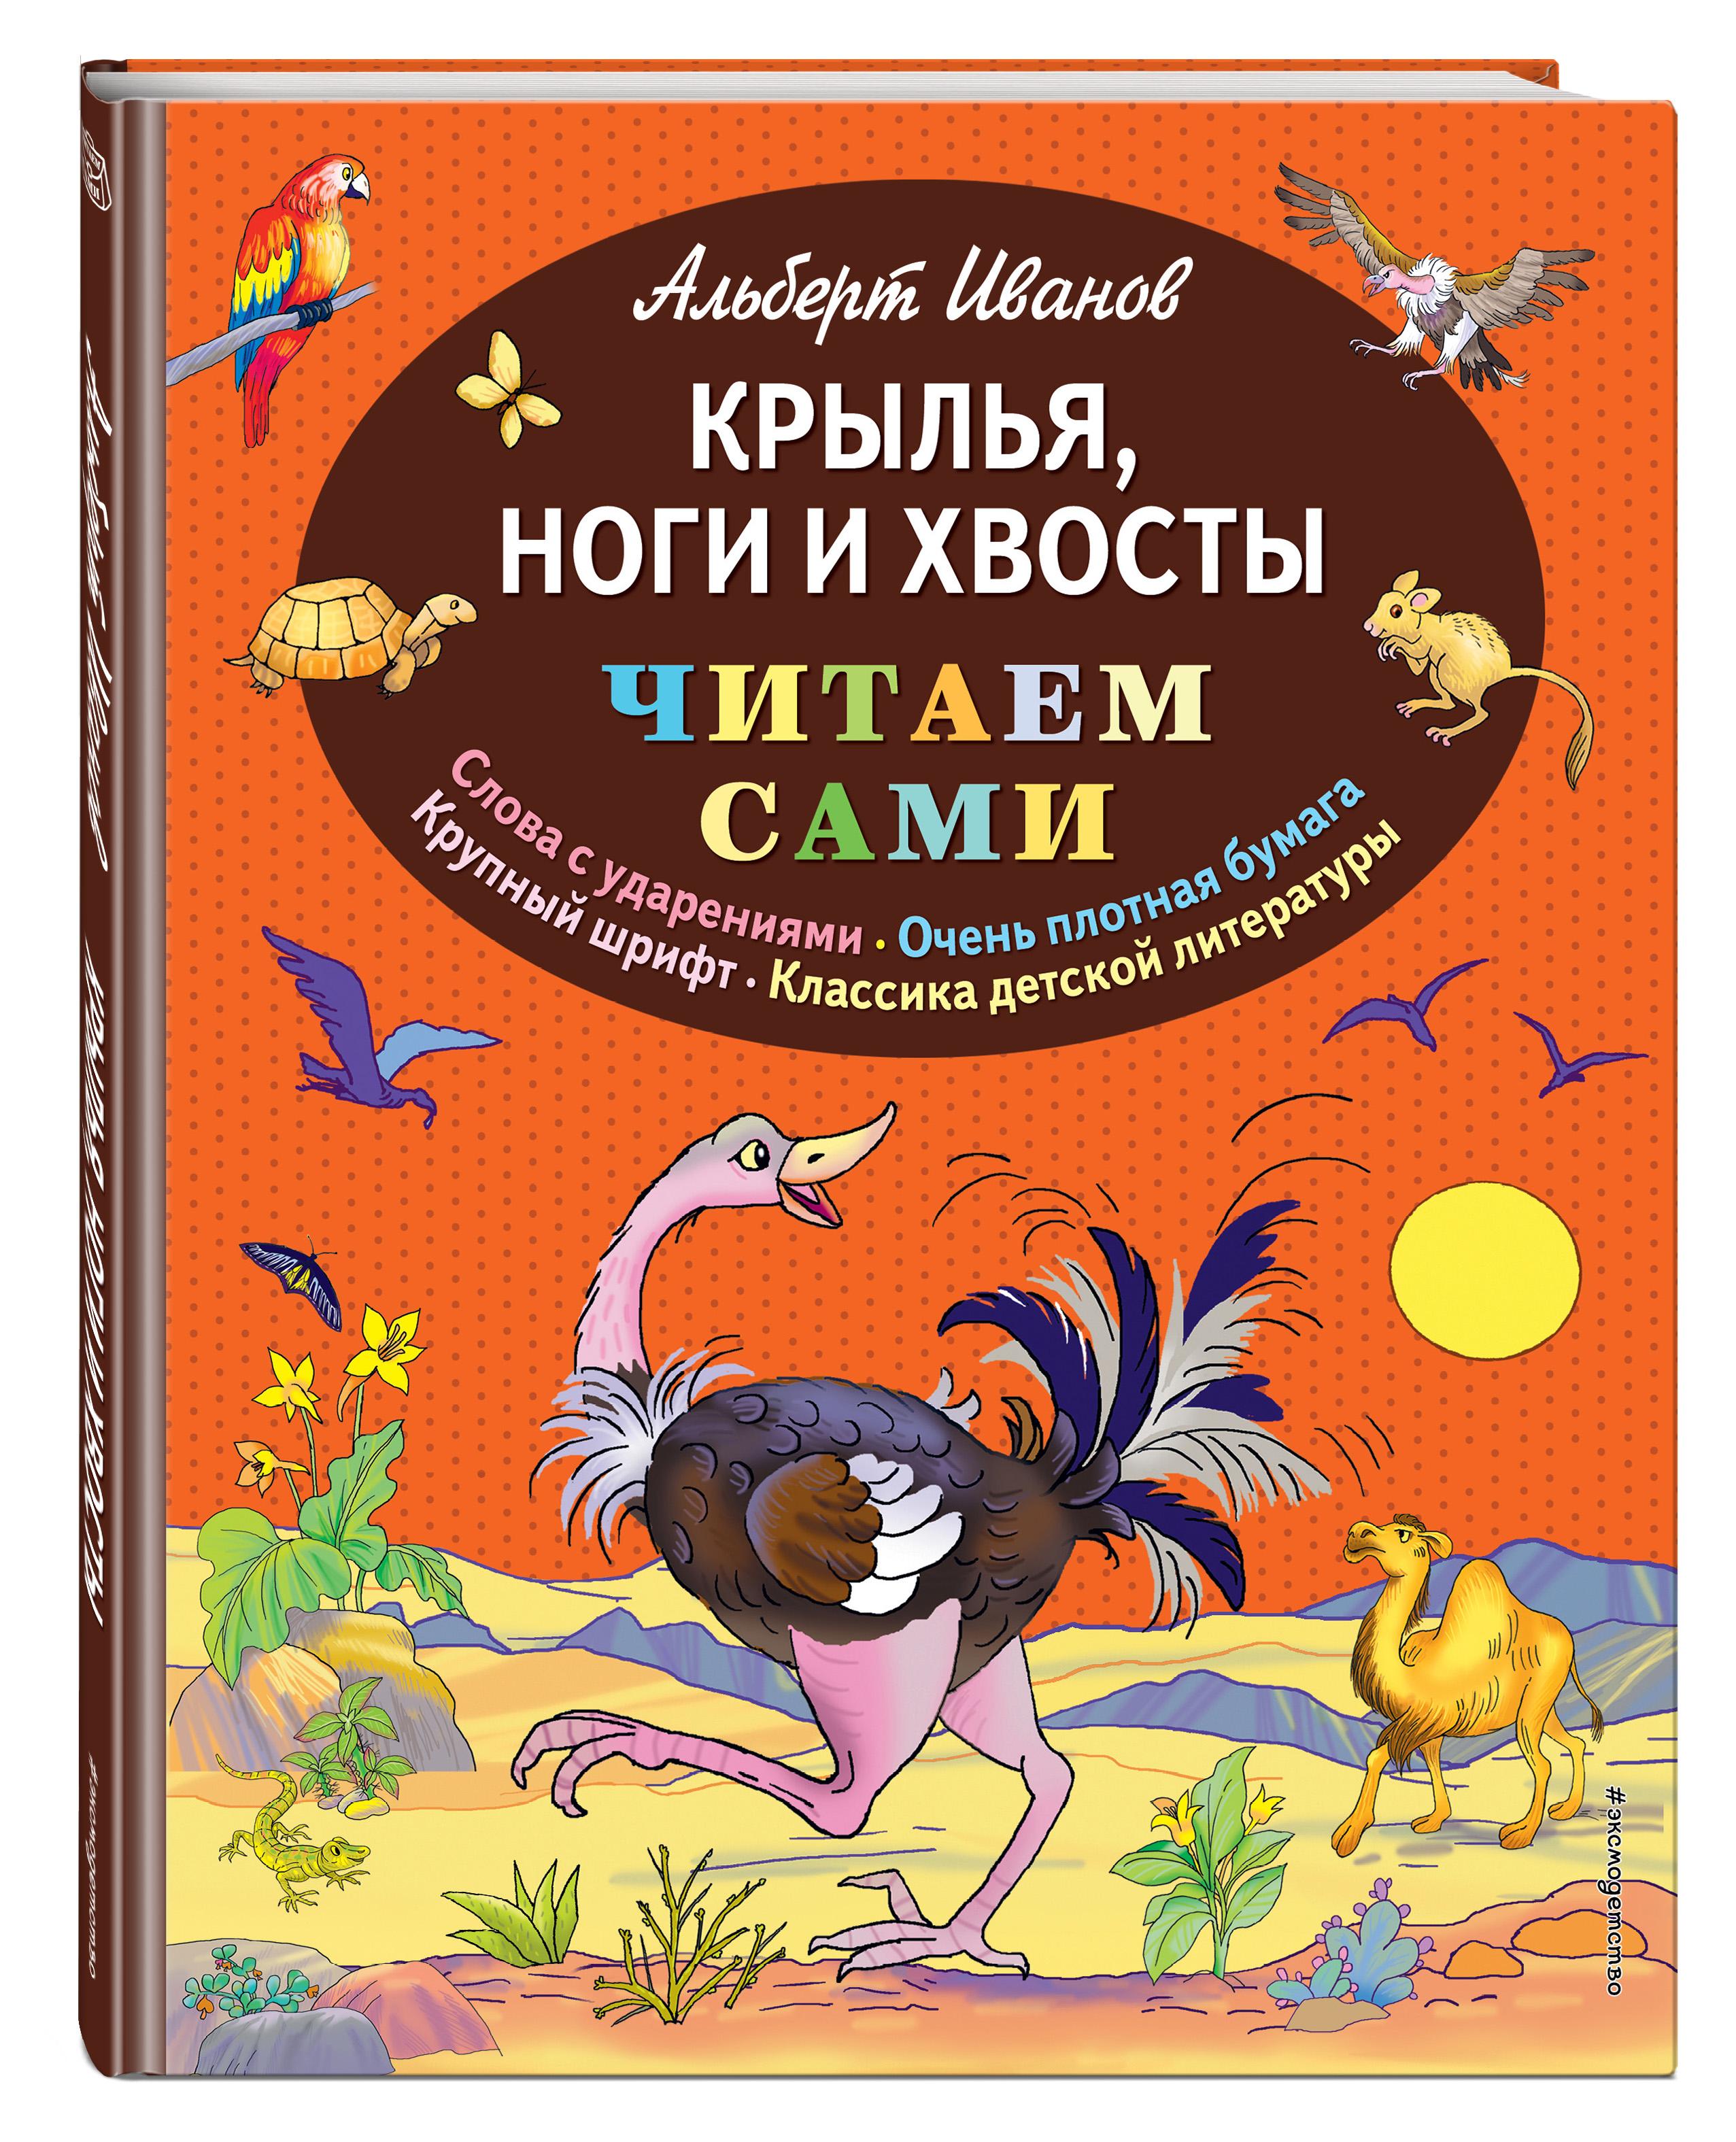 Альберт Иванов Крылья, ноги и хвосты альберт иванов глаза